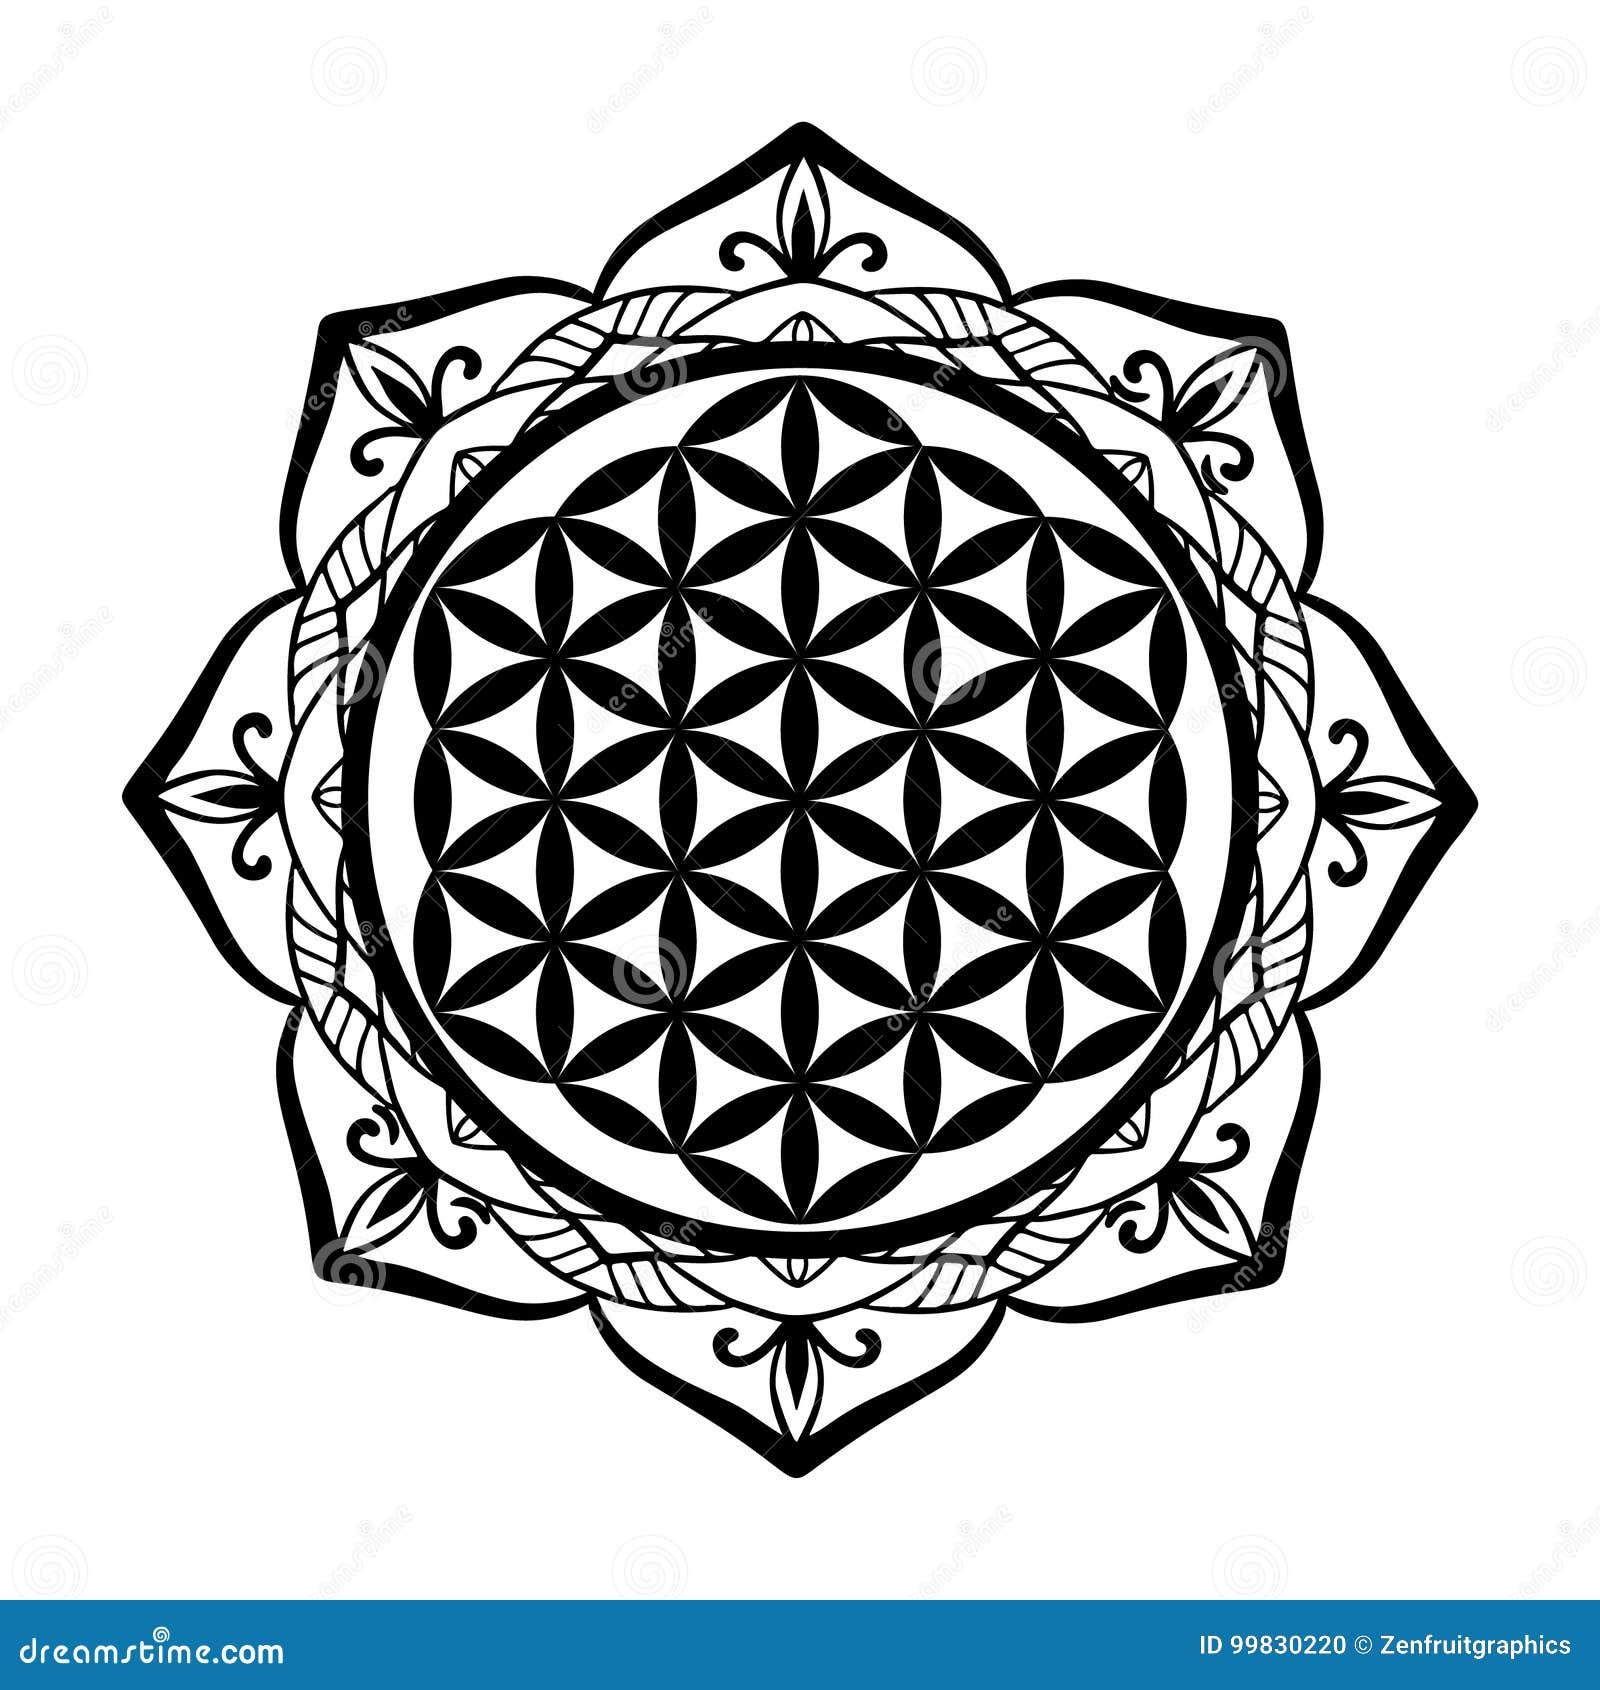 Рамка мандалы и цветок татуировки жизни или шаблона восковки, священной алхимии символа геометрии, духовности, вероисповедания, о